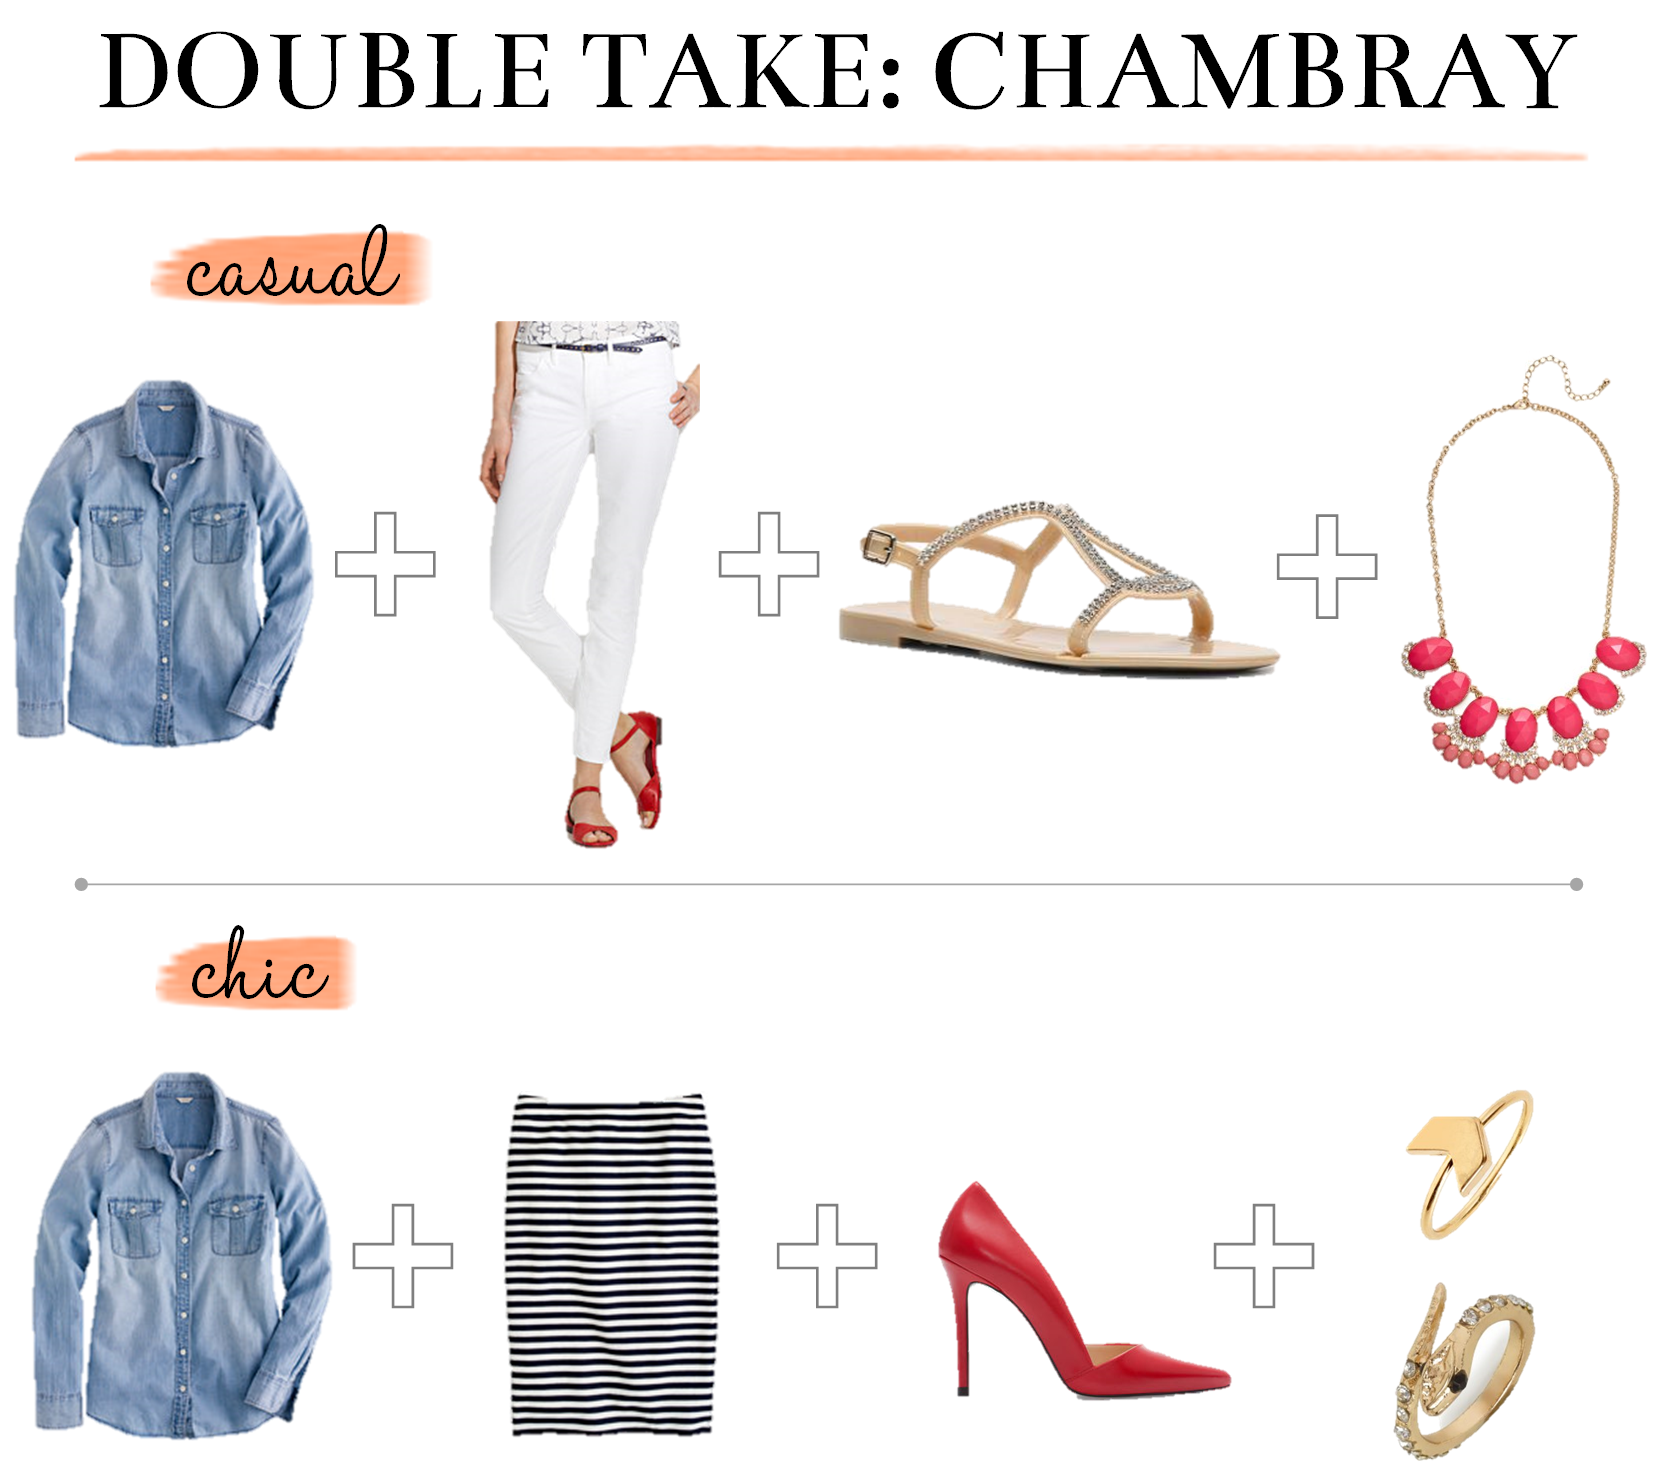 doubletake_chambray